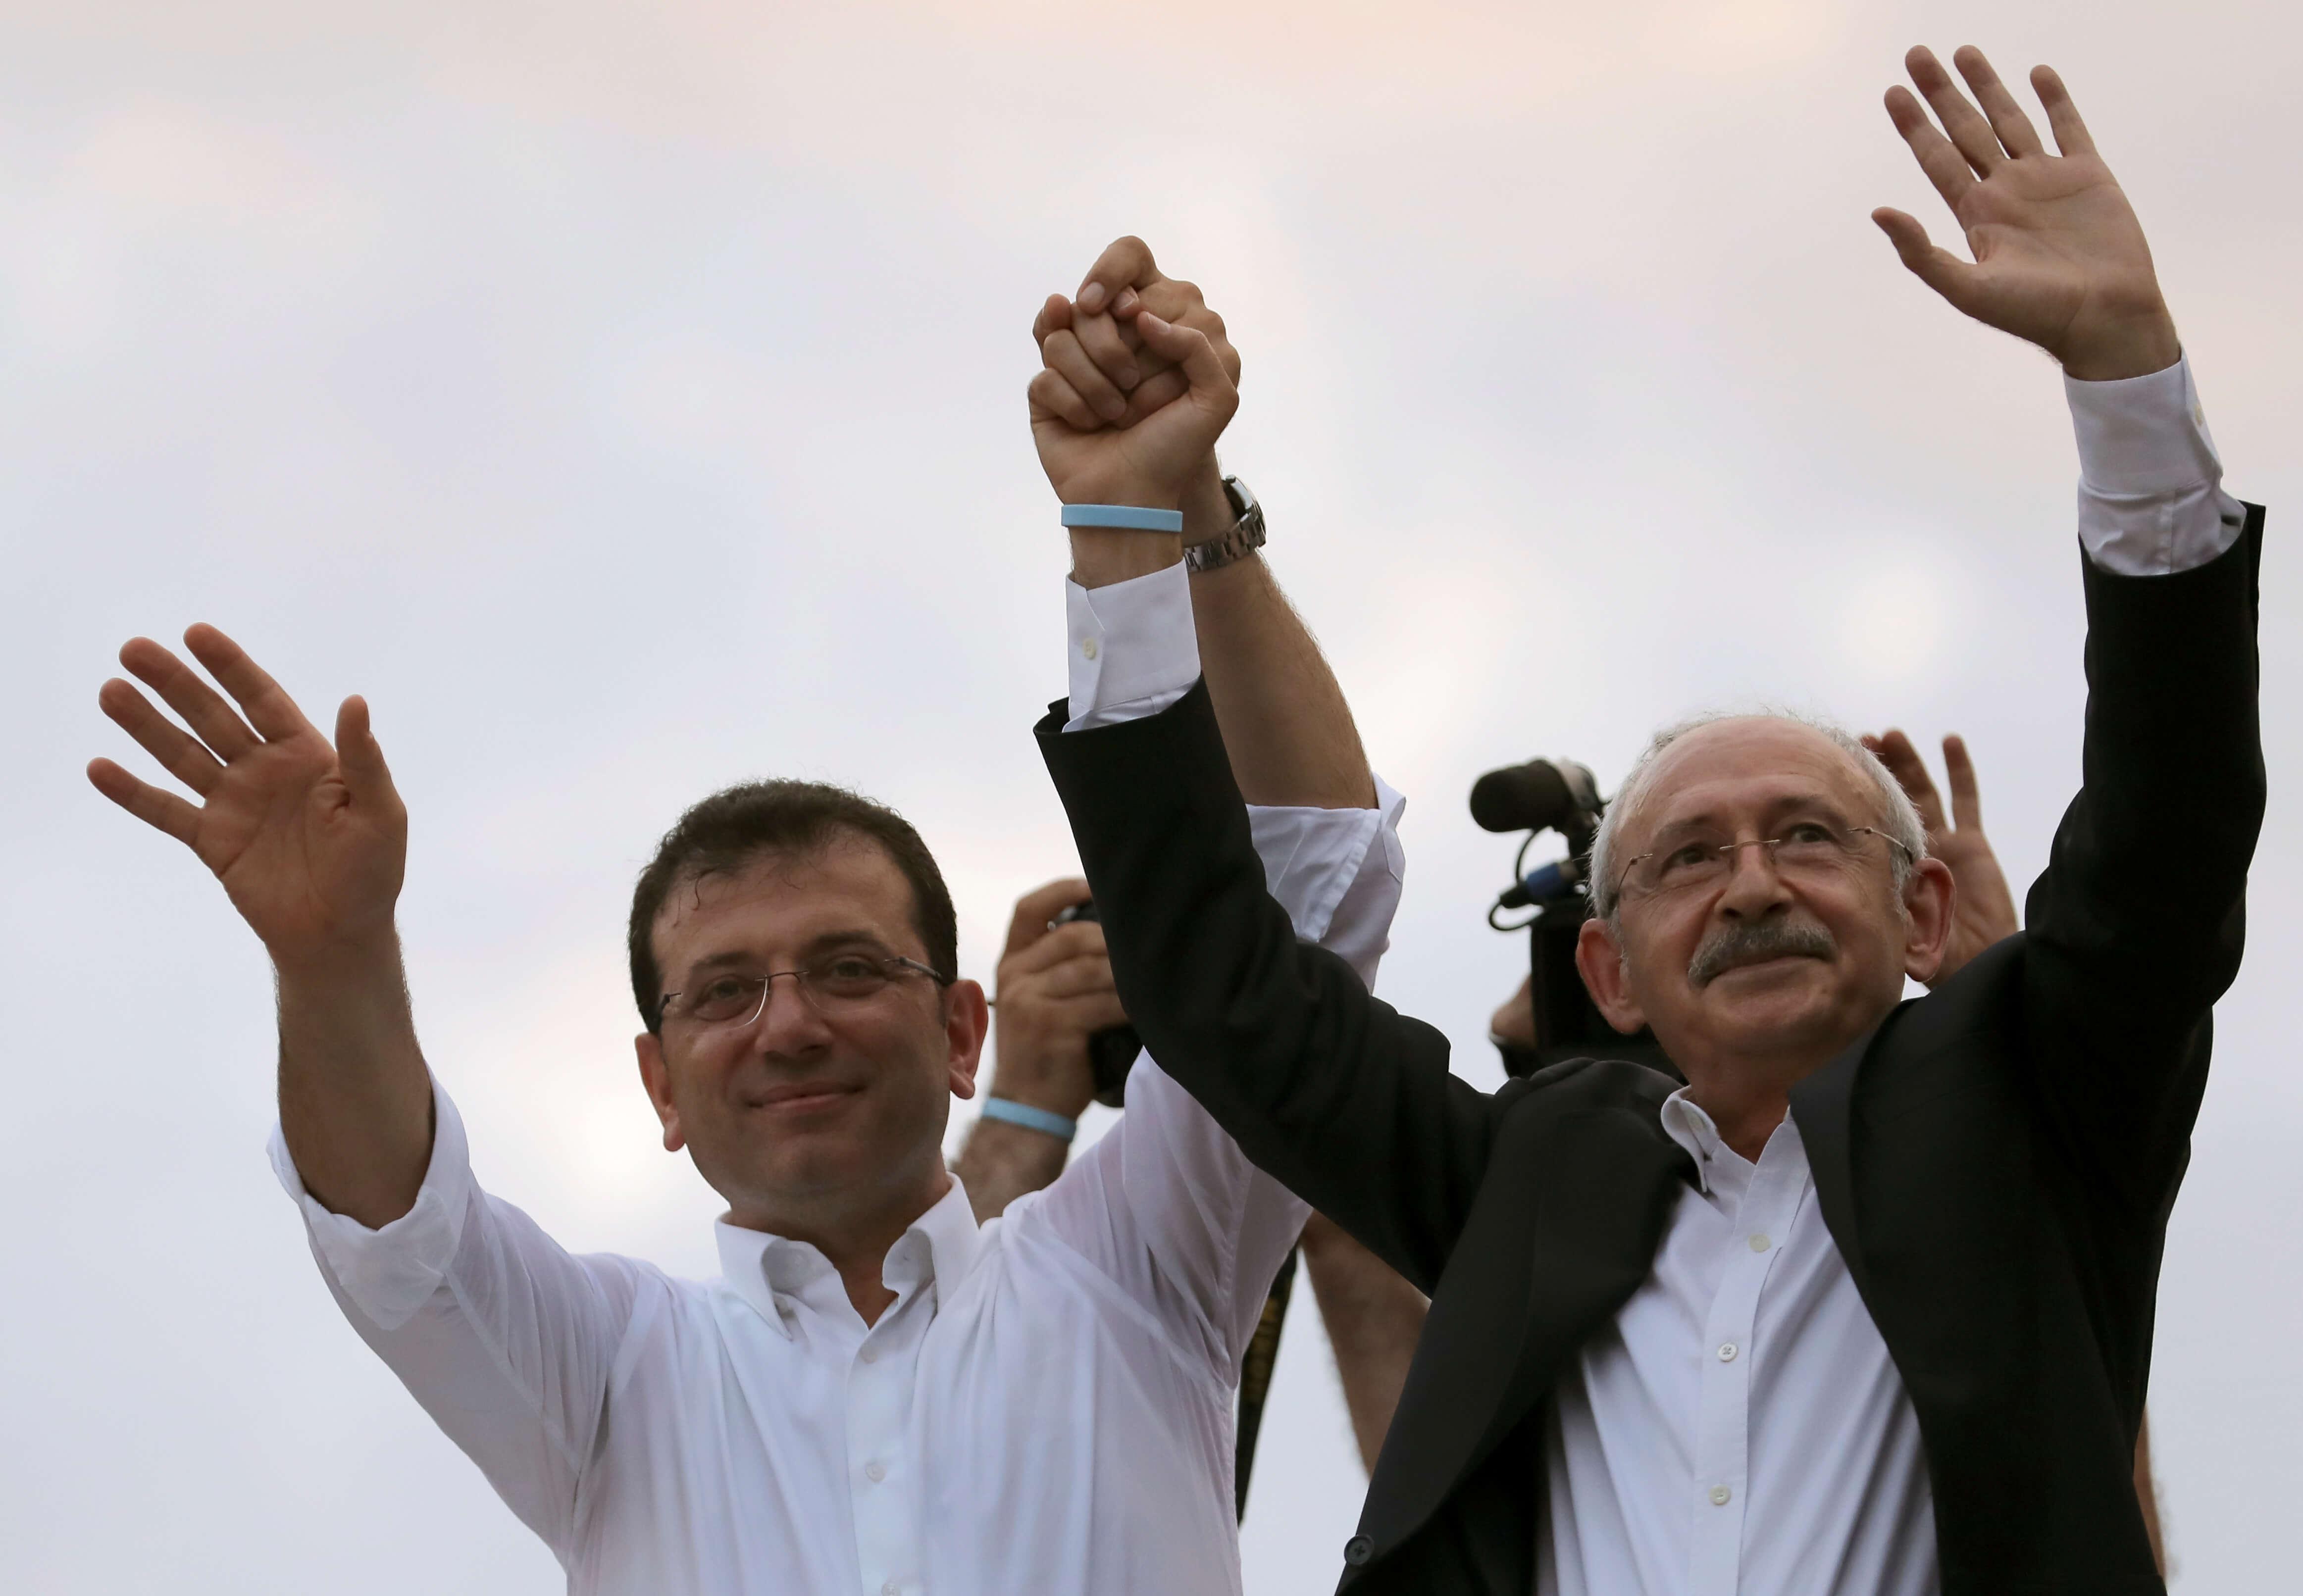 Τουρκία: Η αντιπολίτευση «ενώνει τις δυνάμεις» της για να «ρίξει» τον Ερντογάν